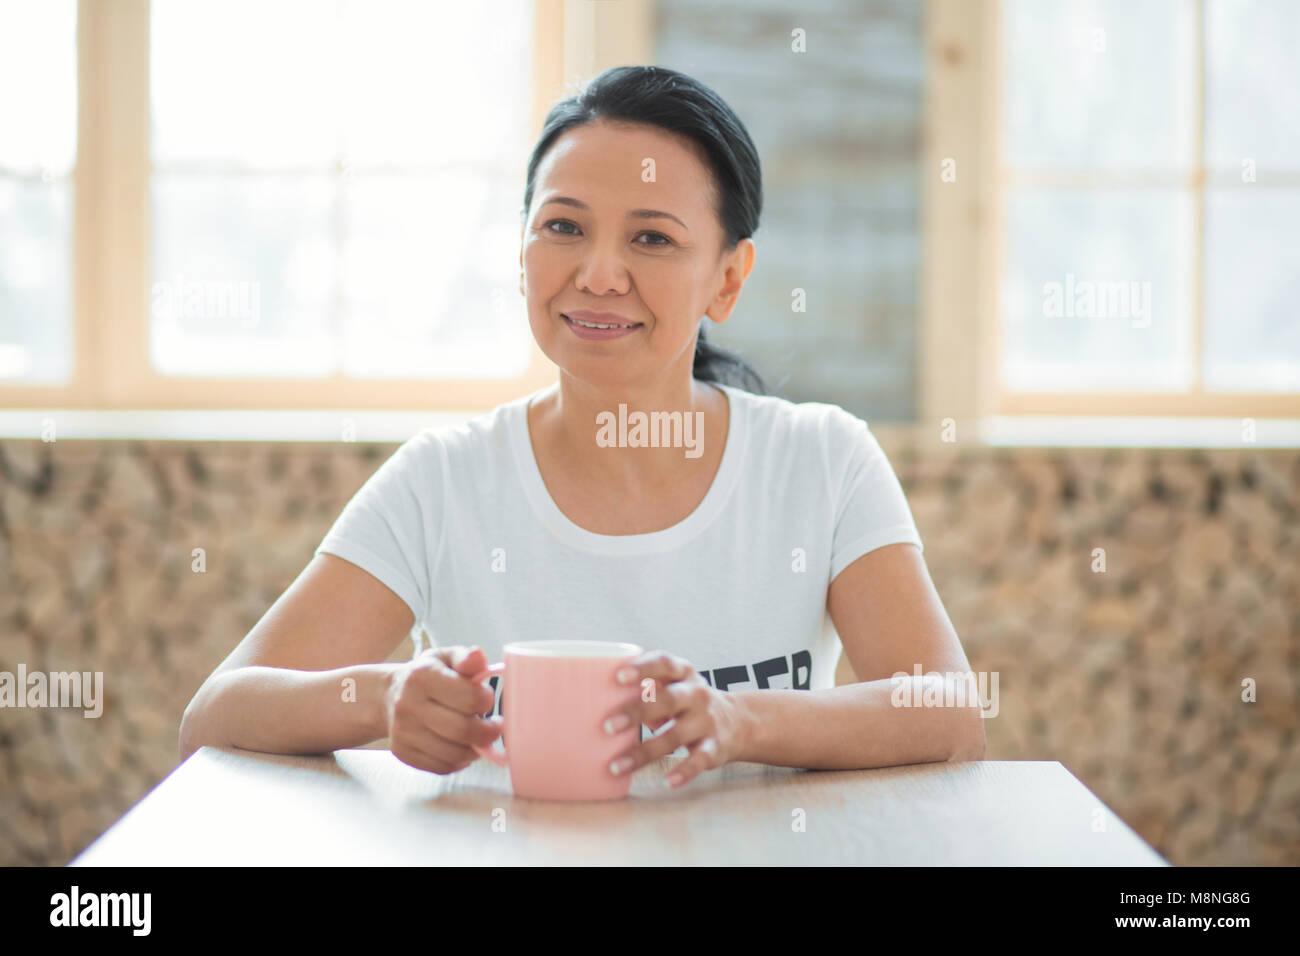 Appealing female volunteer drinking coffee - Stock Image